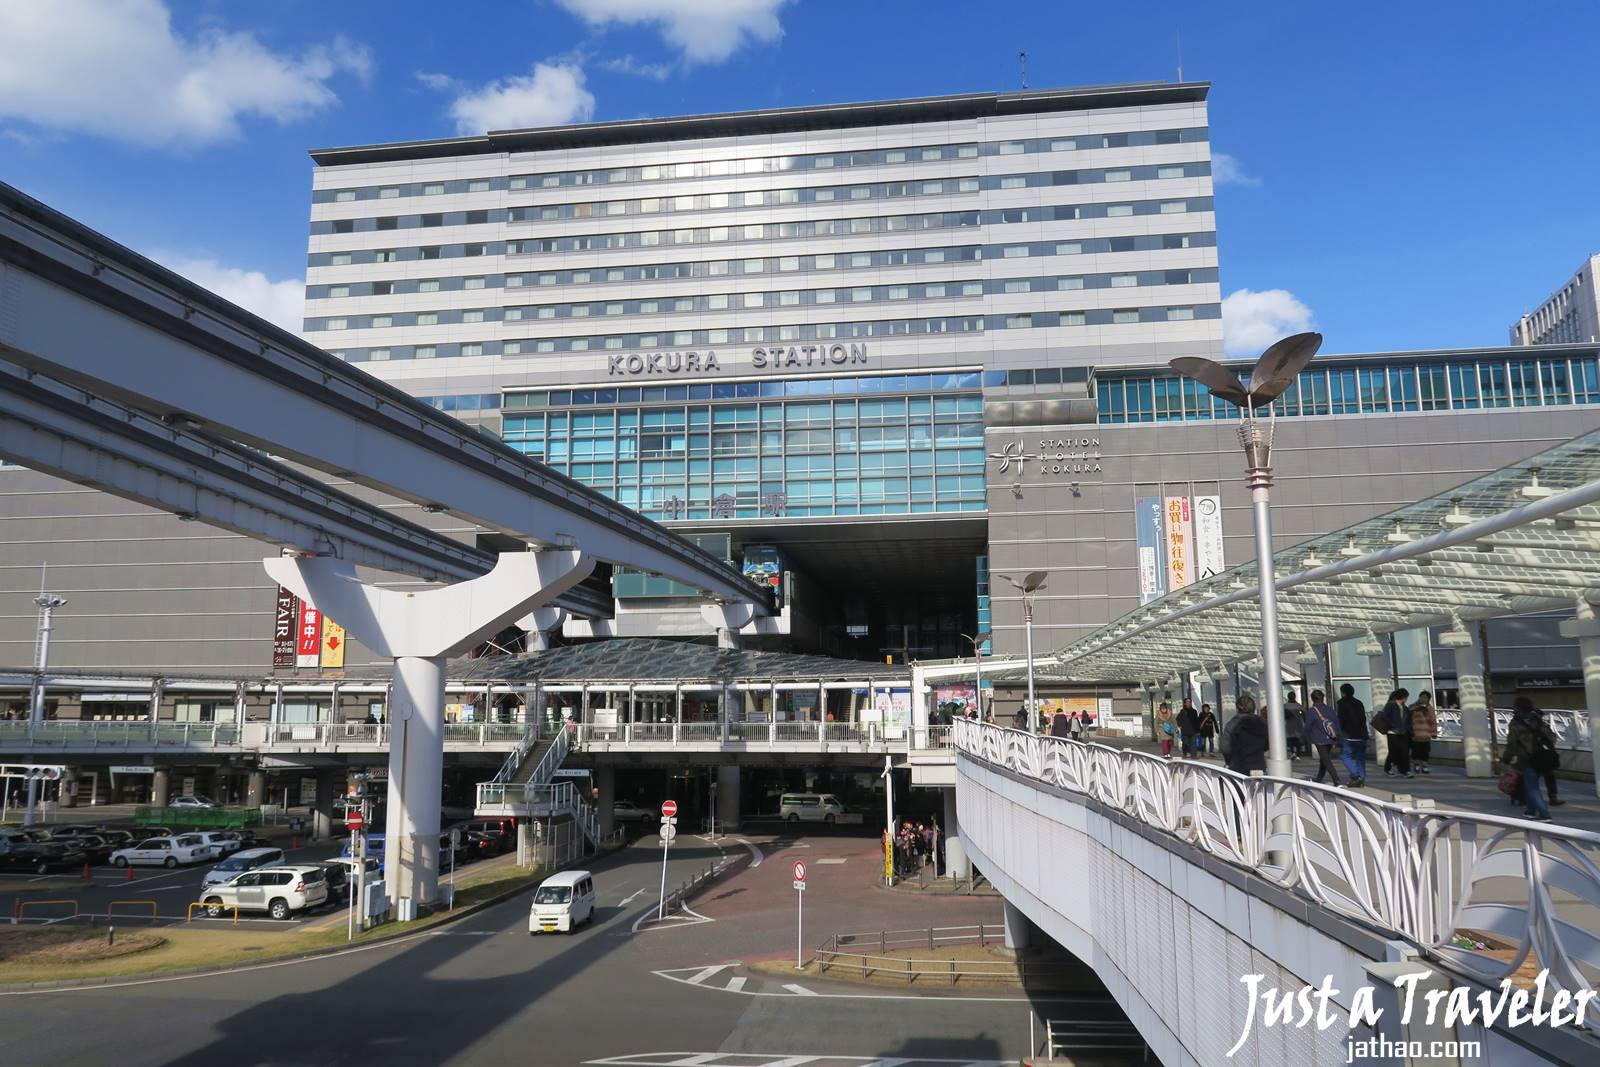 福岡-景點-推薦-小倉-福岡好玩景點-福岡必玩景點-福岡必去景點-福岡自由行景點-攻略-市區-郊區-旅遊-行程-Fukuoka-Tourist-Attraction